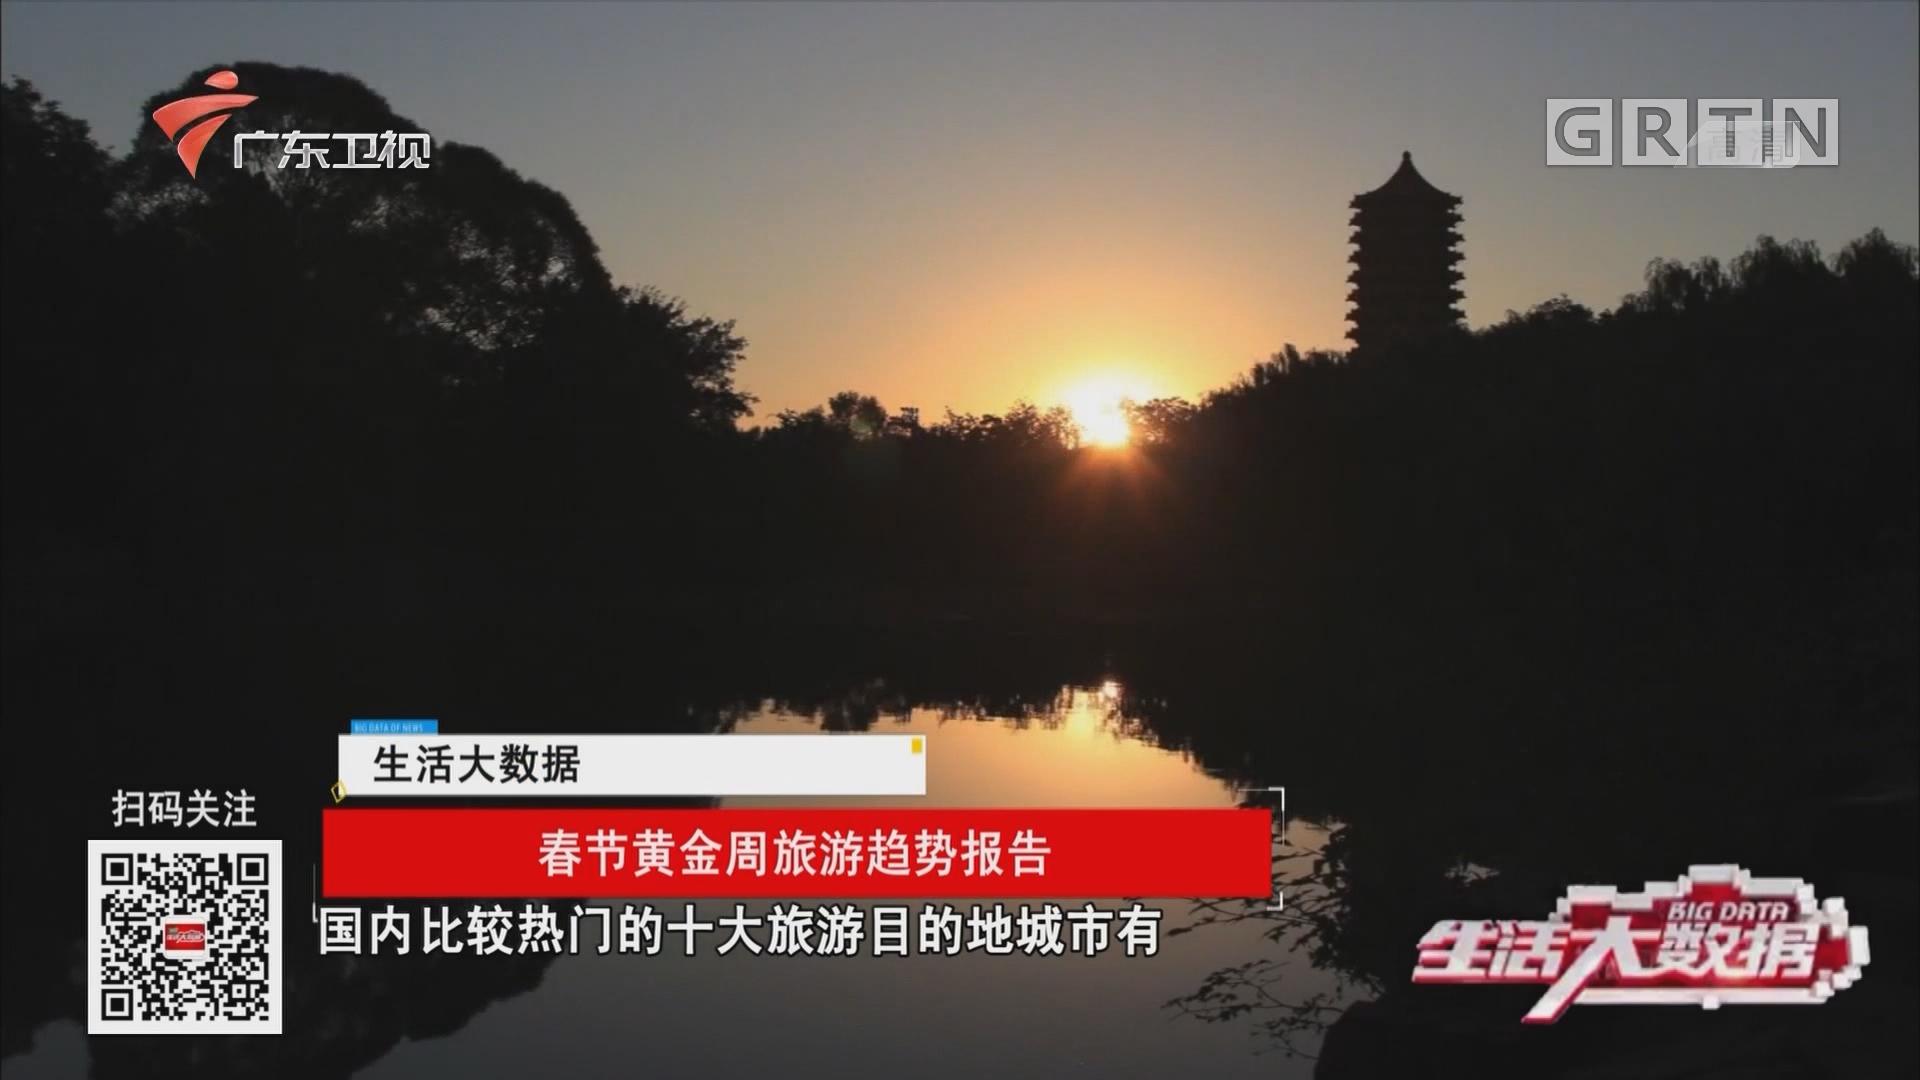 春节黄金周旅游趋势报告